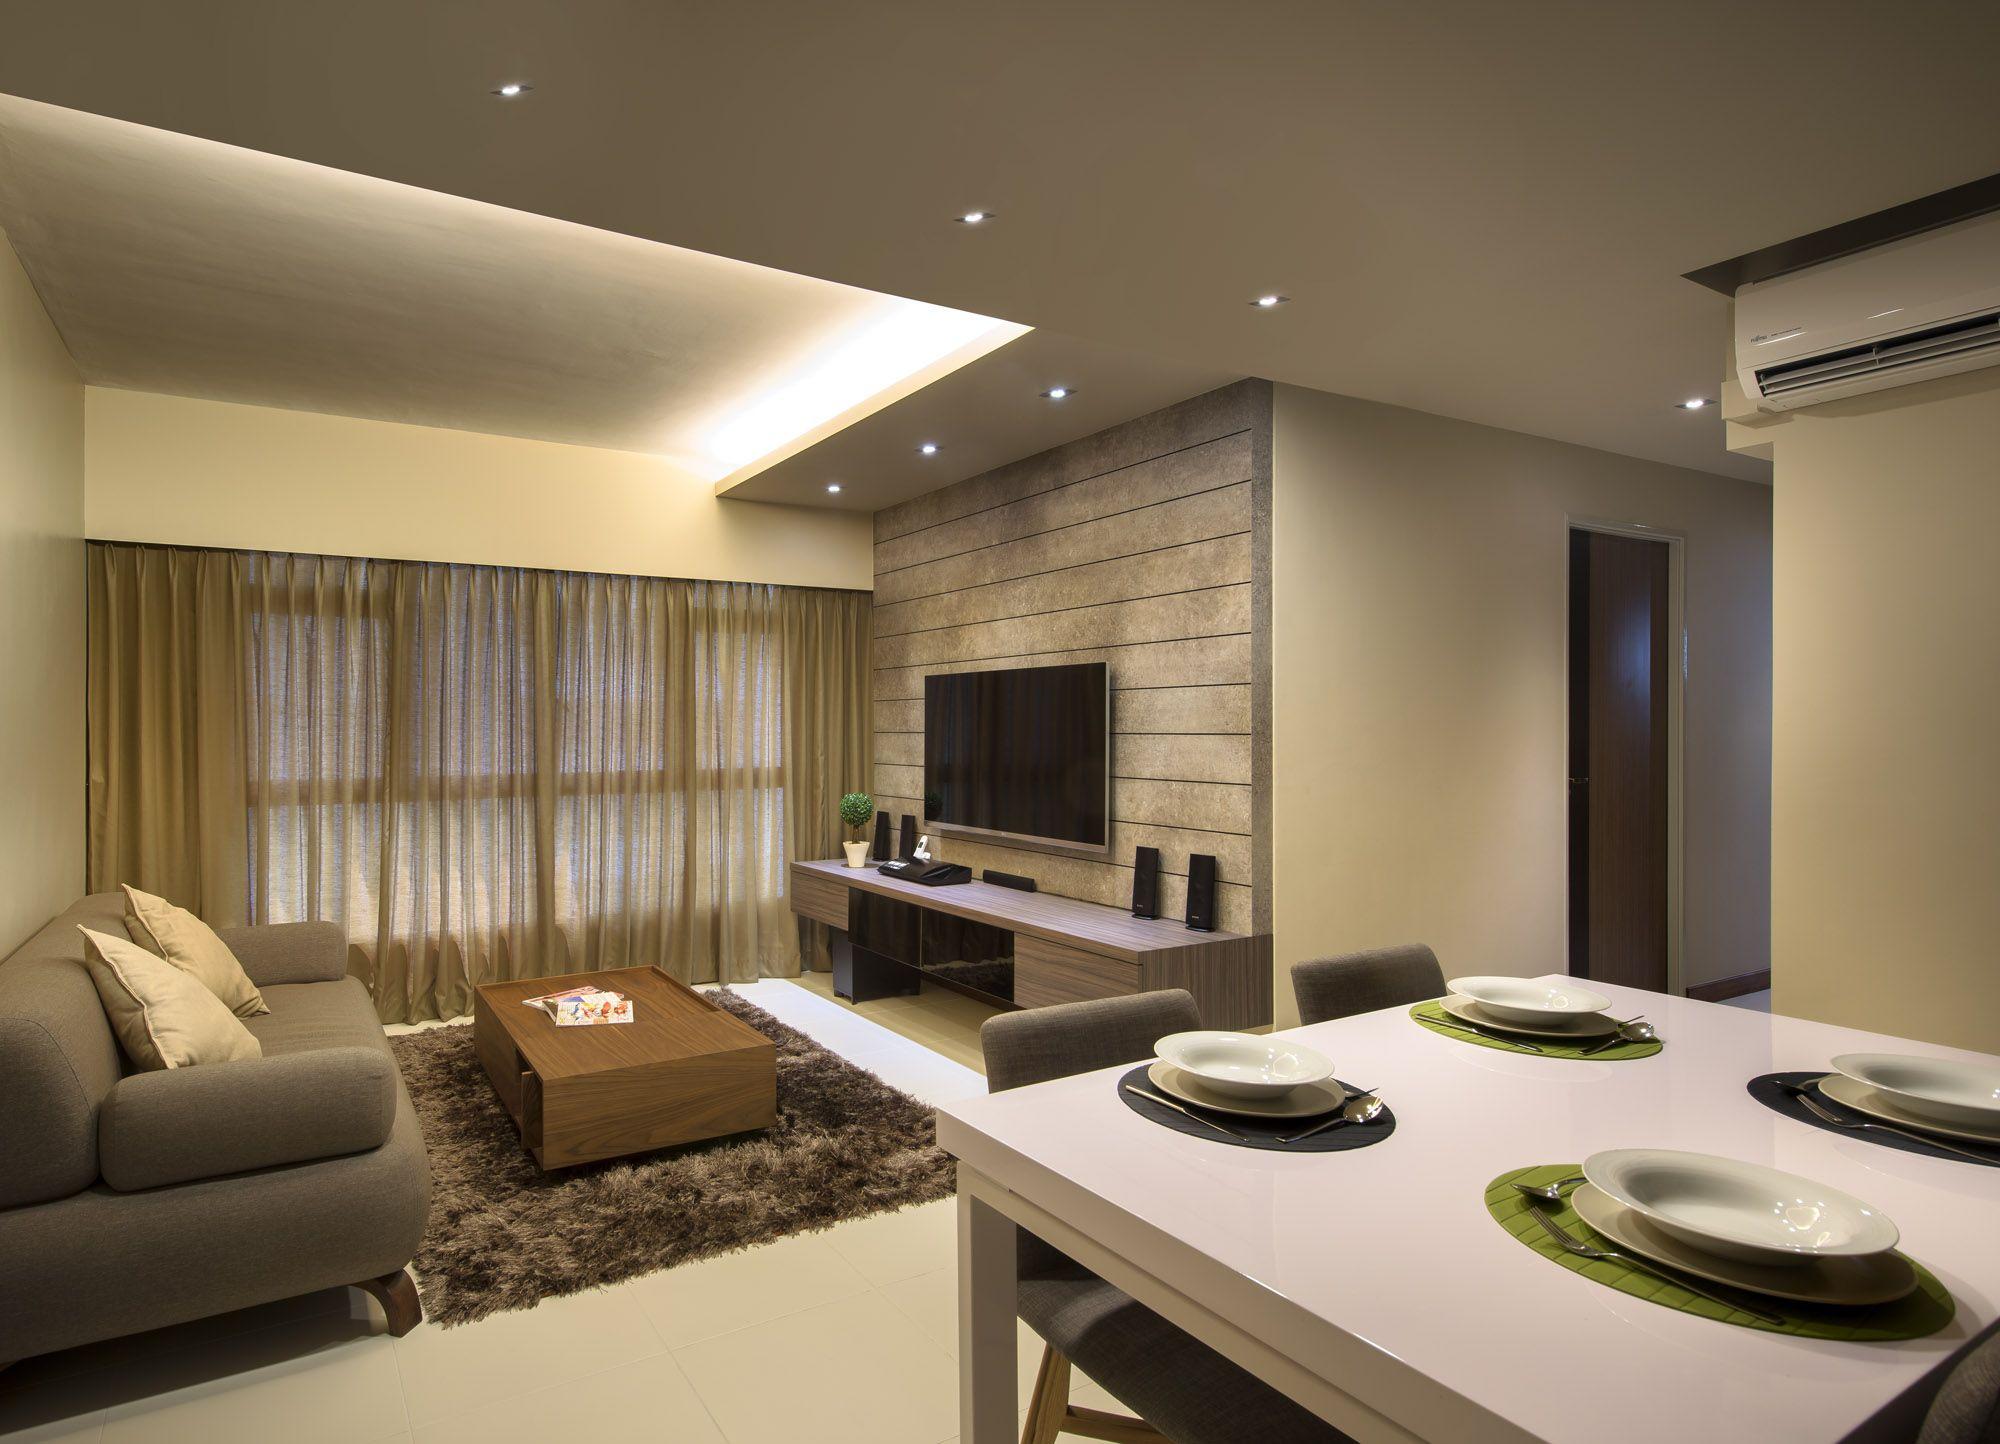 Small Loft Interior Design In Singapore Ideas - theoracleinstitute.us